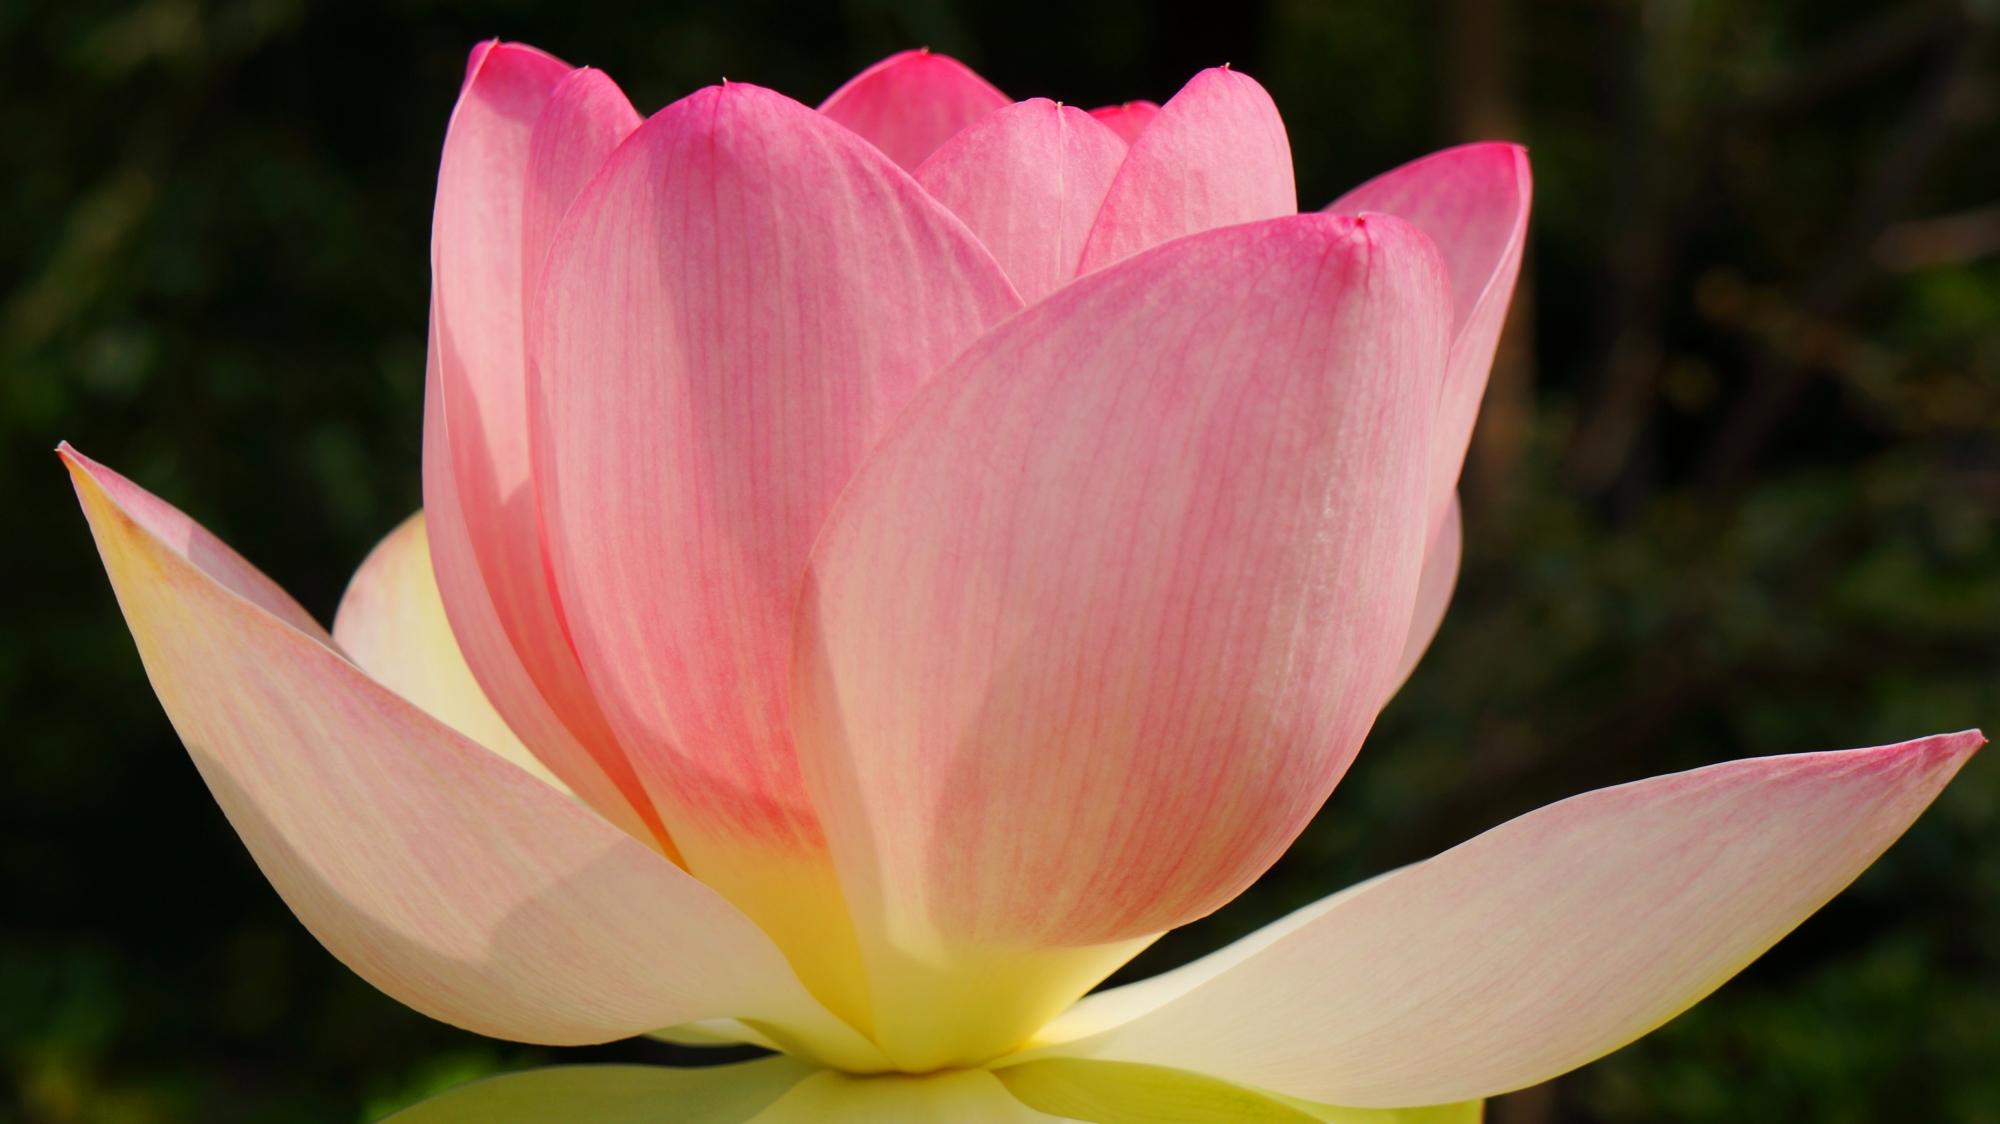 太陽を浴びる法金剛院のほのかに浮かび上がるような蓮の花